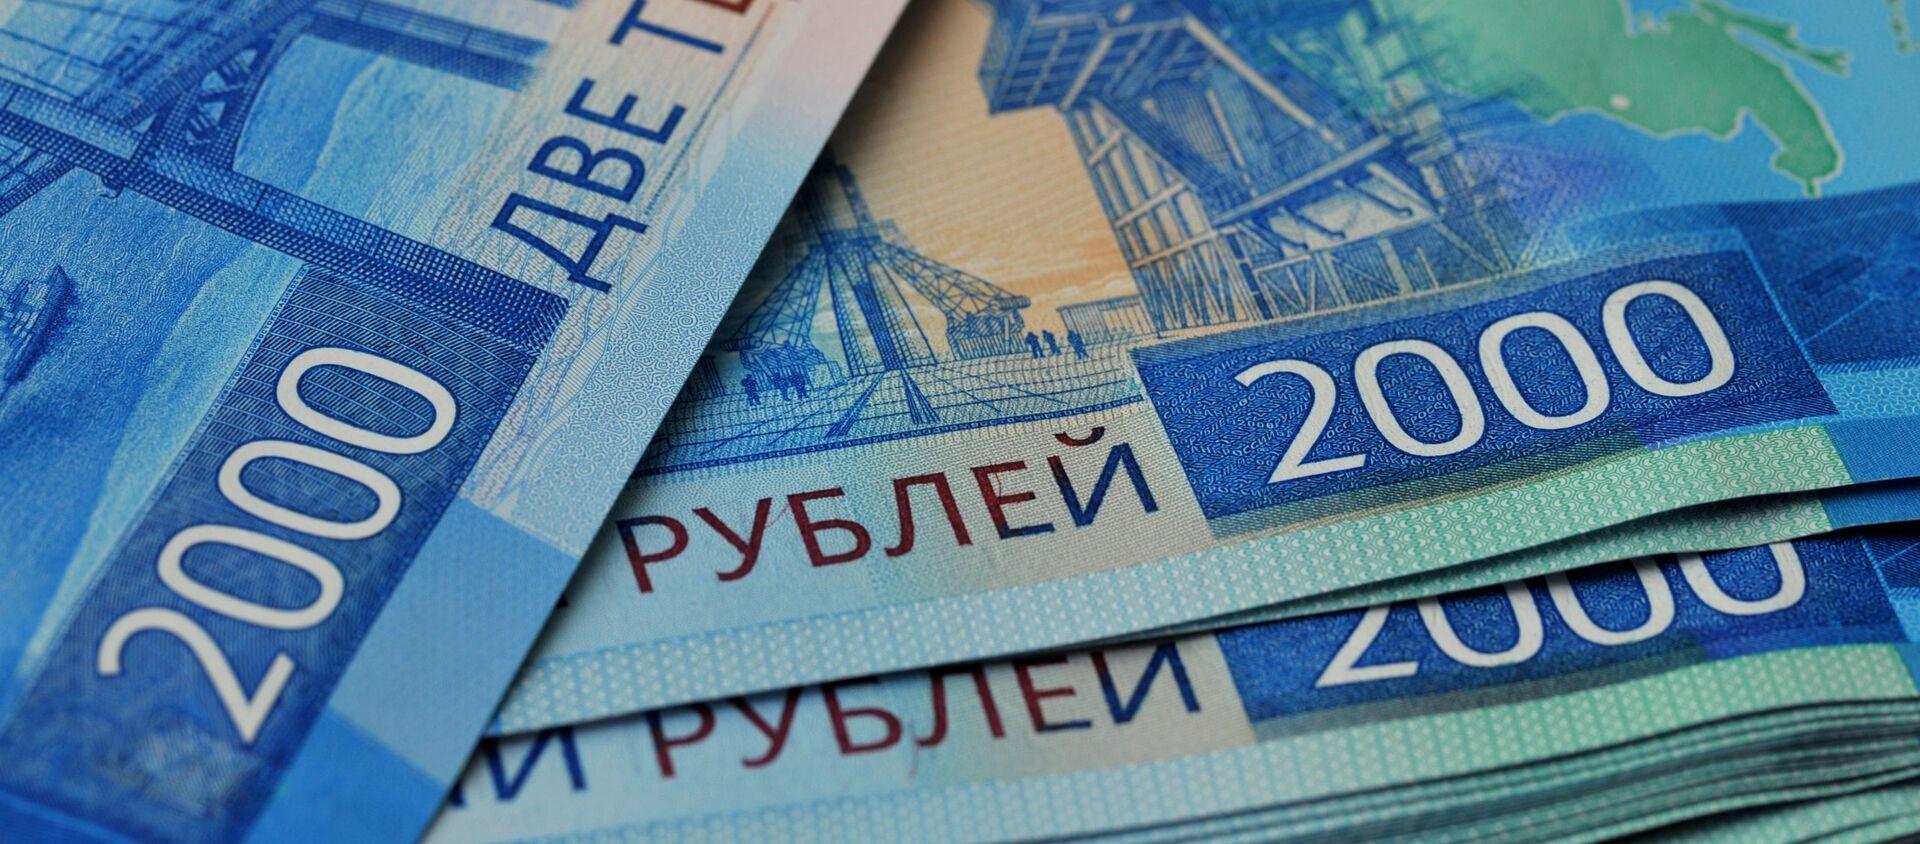 Банкноты номиналом 2000 рублей. - Sputnik Аҧсны, 1920, 21.07.2021